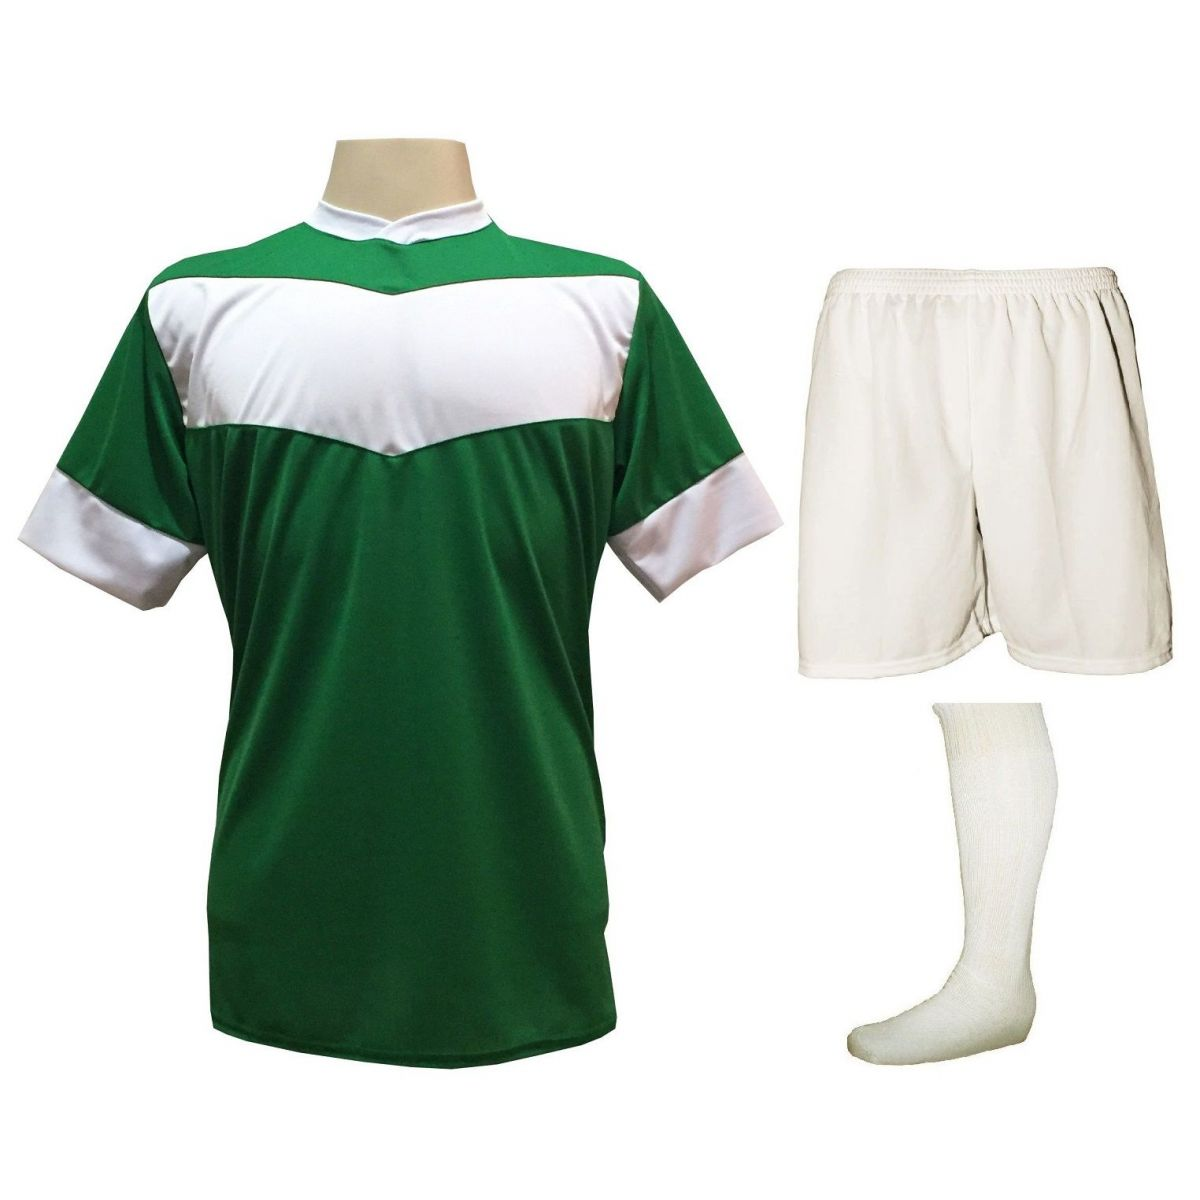 Fardamento Completo Modelo Columbus 18+1 (18 Camisas Verde/Branco + 18 Calções Madrid Branco + 18 Pares de Meiões Brancos + 1 Conjunto de Goleiro) + Brindes